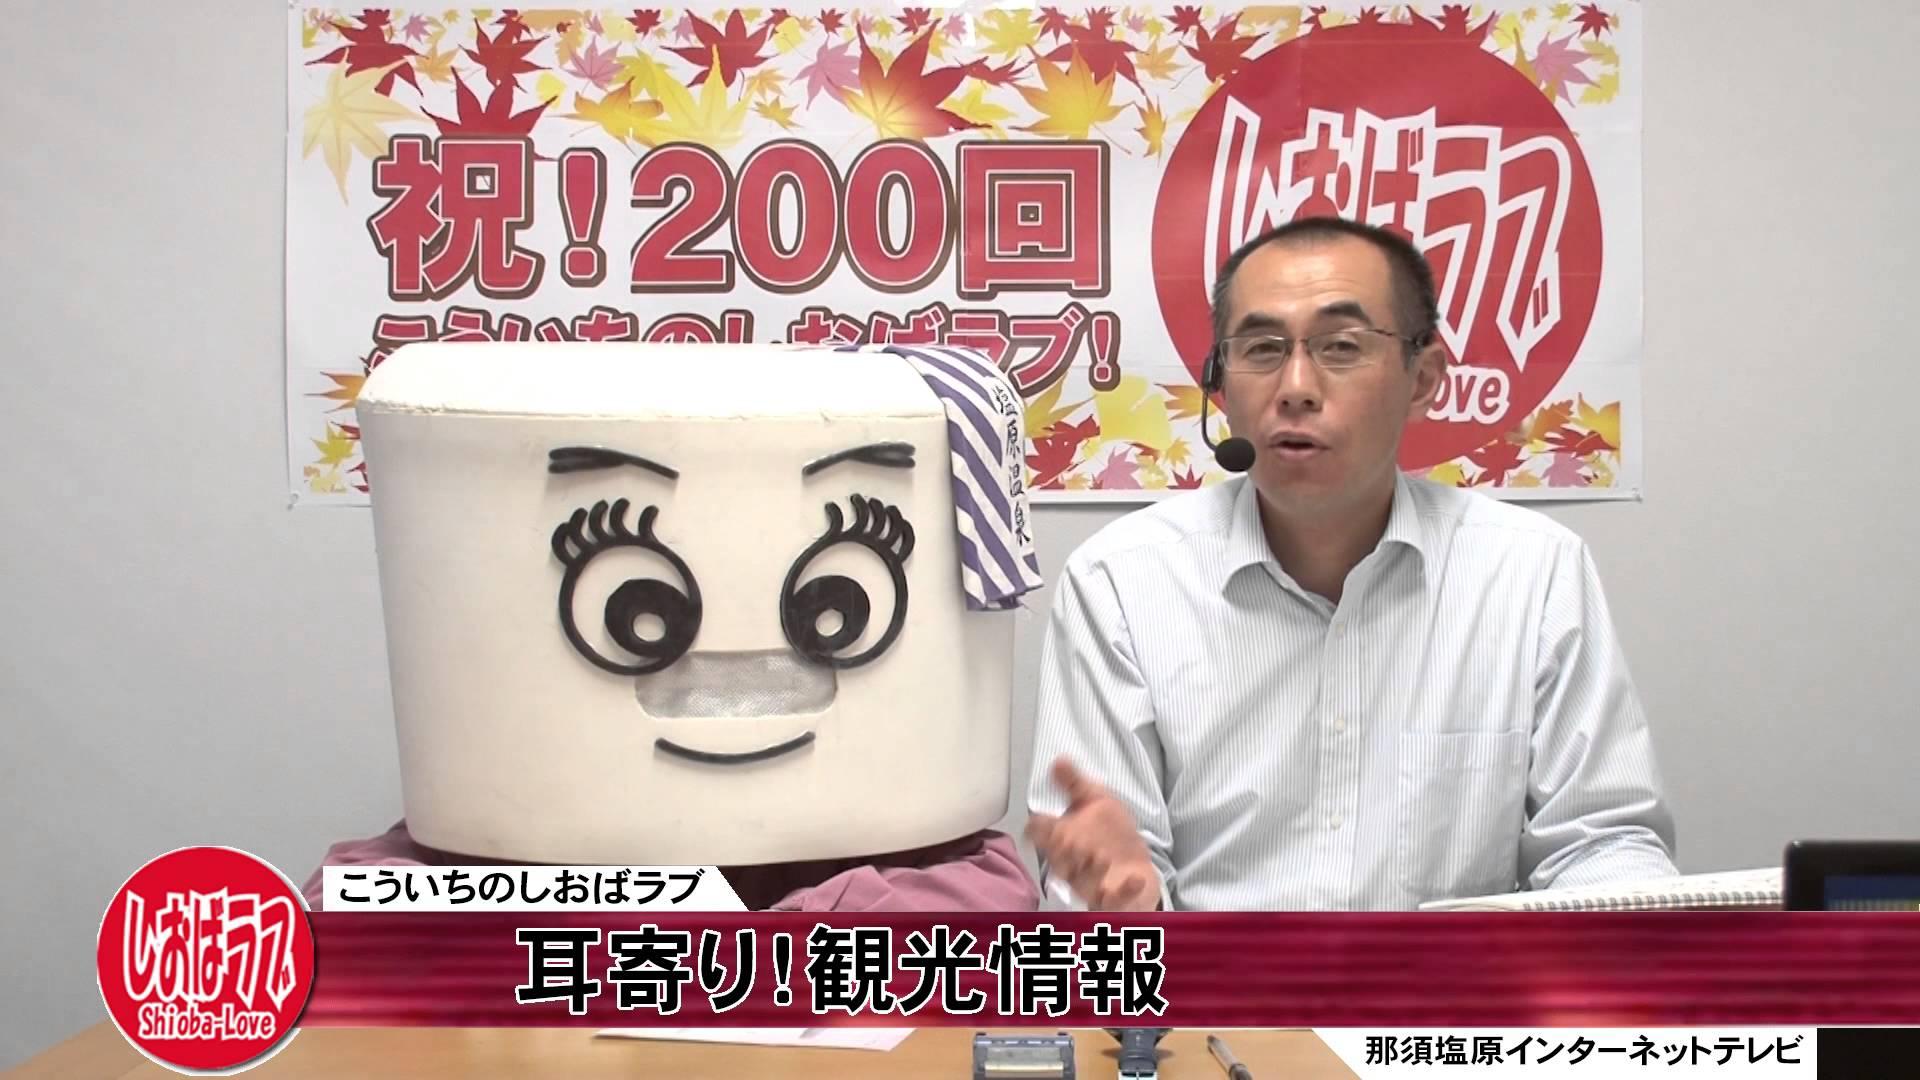 こういちのしおばラブ(塩原+LOVE)第200回